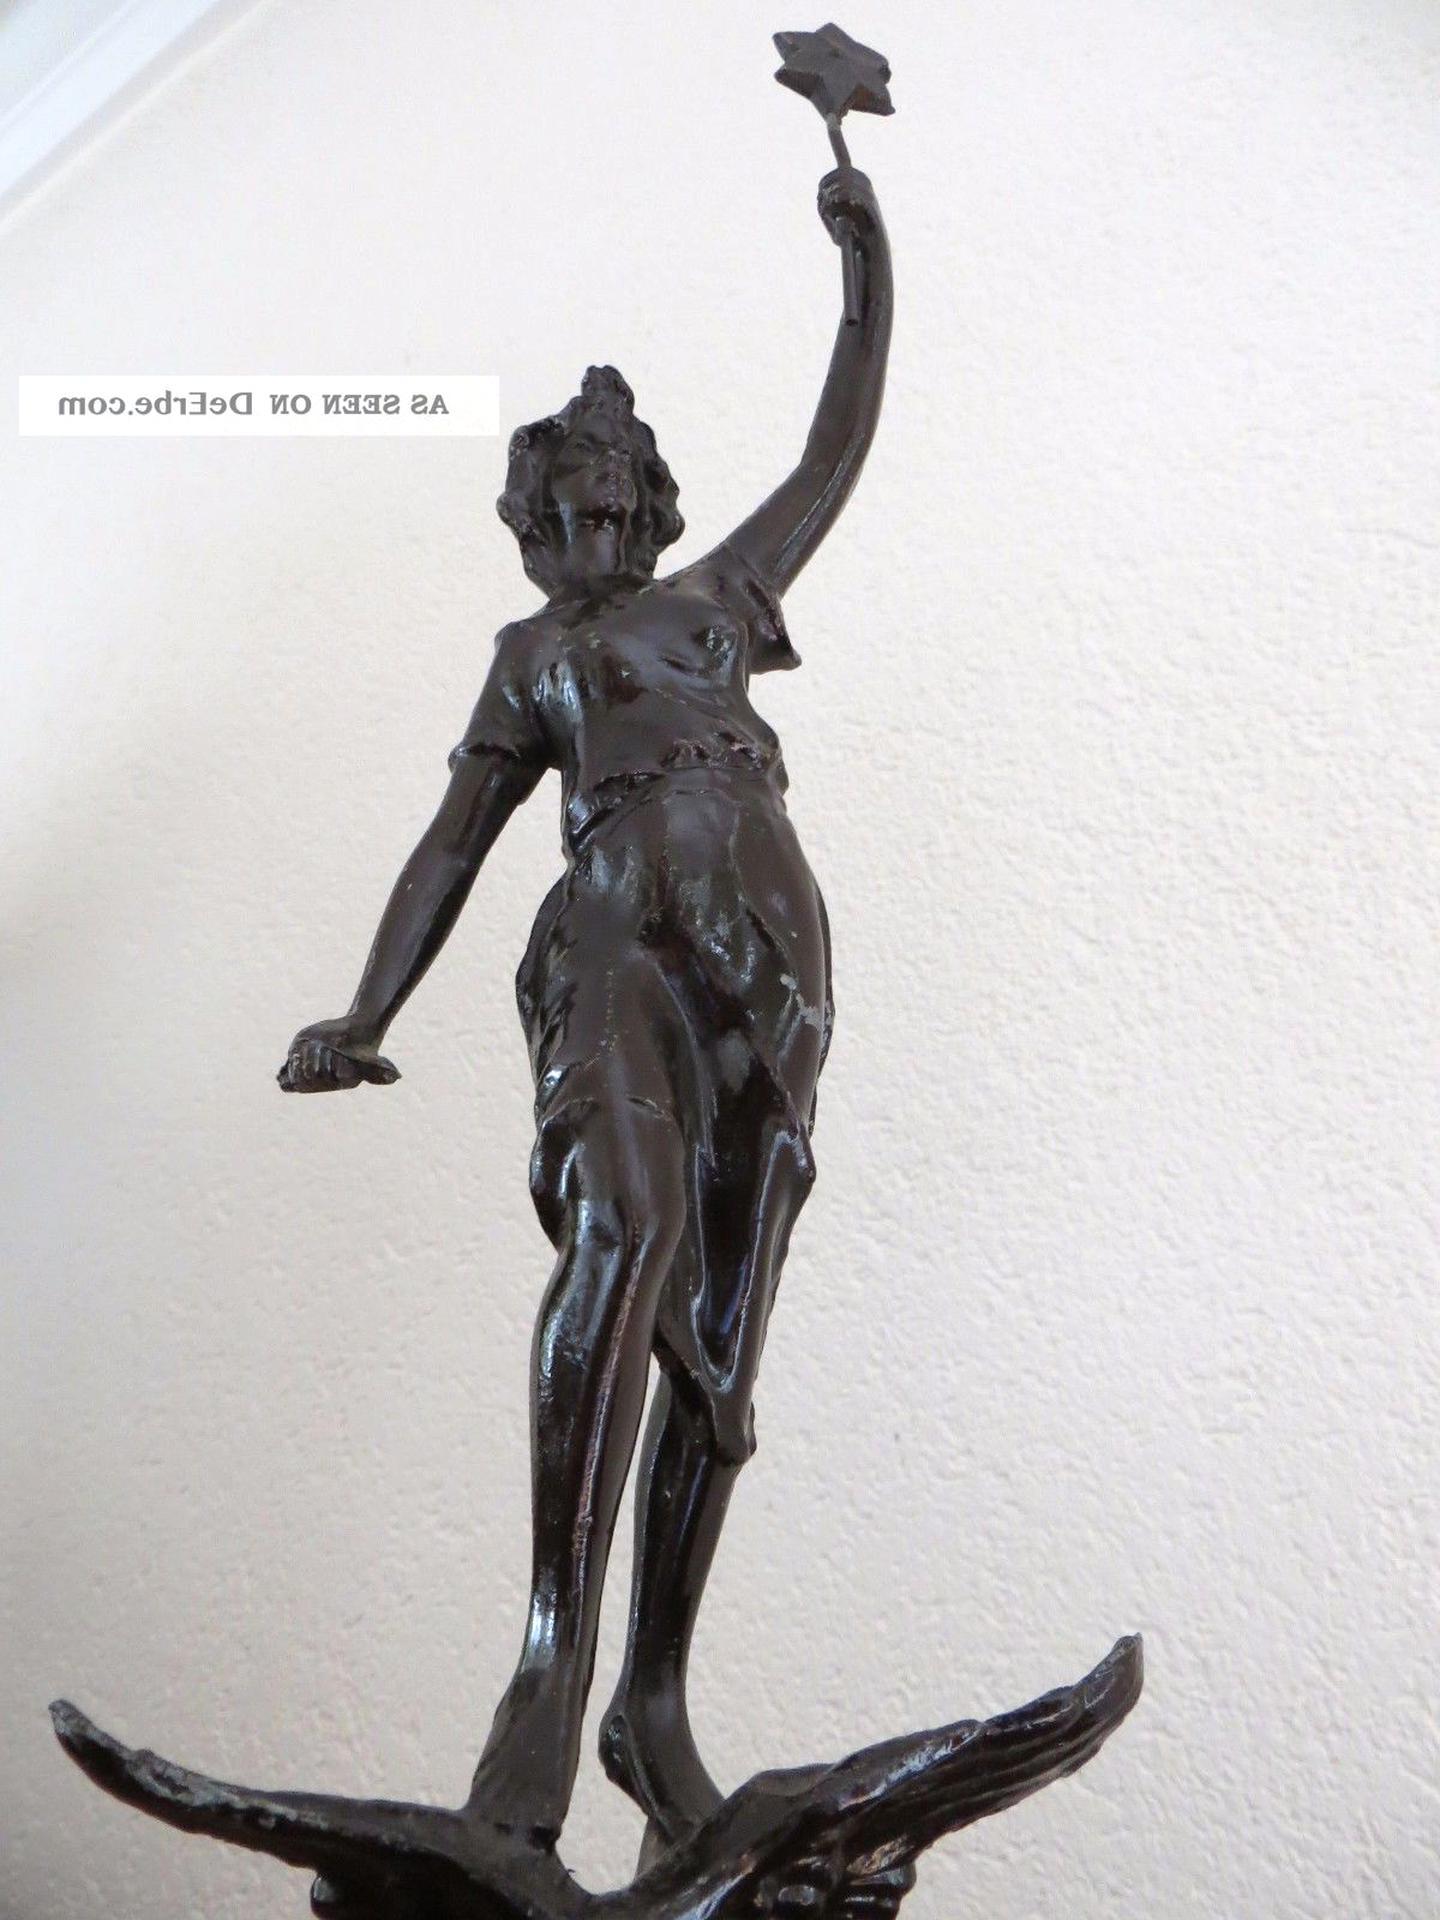 alte figur metall gebraucht kaufen